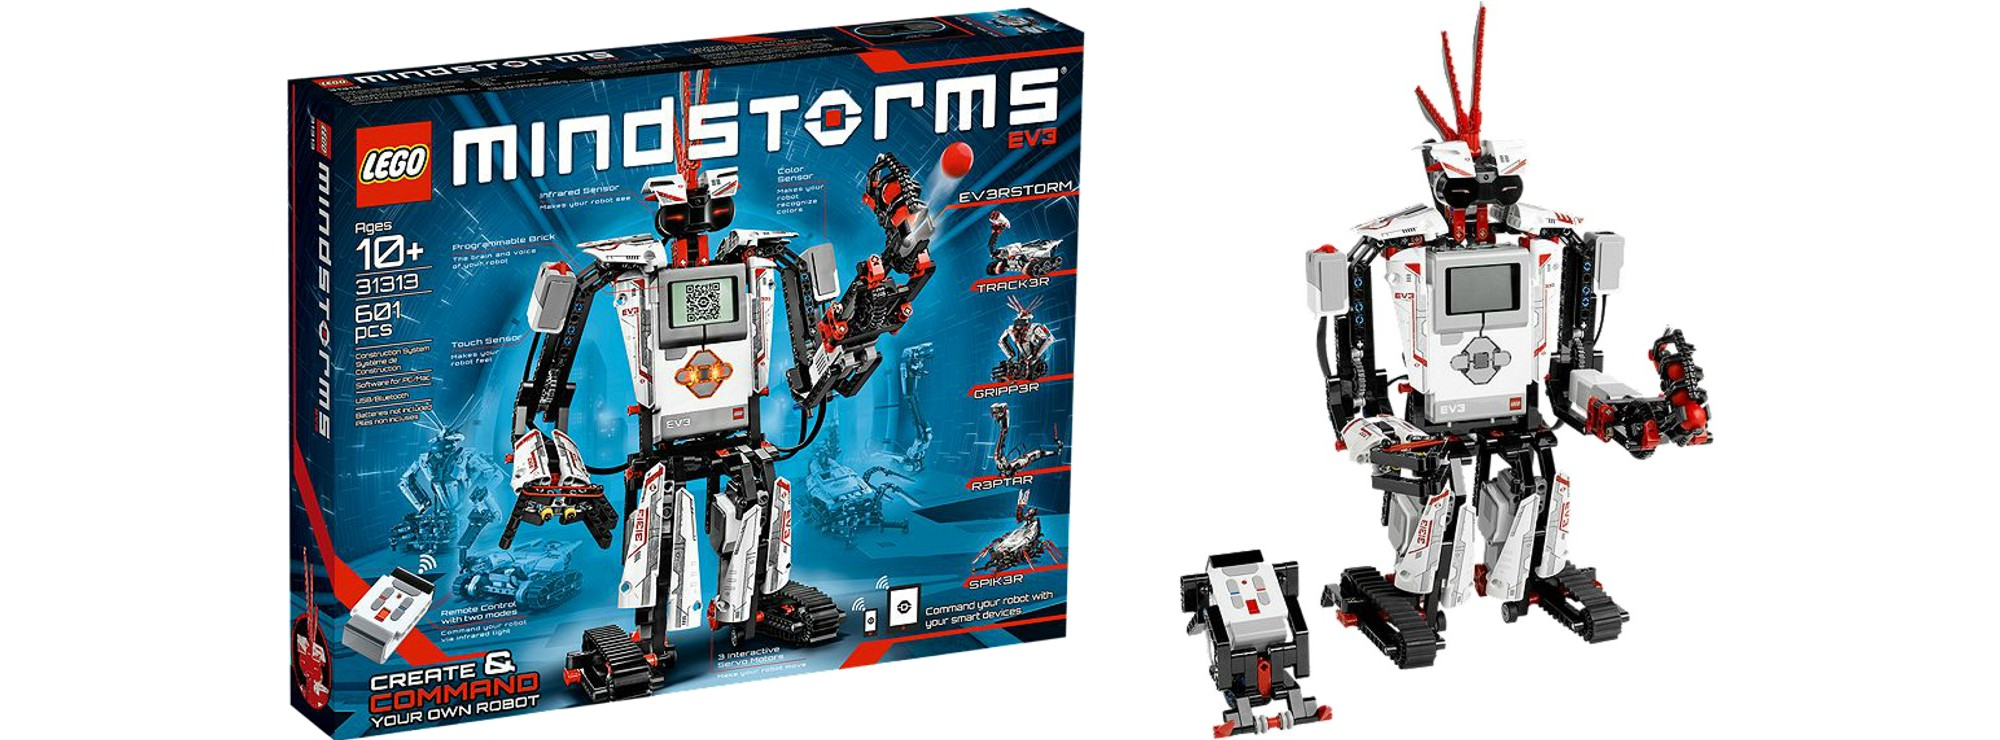 lego 31313 mindstorms ev3 roboter lego technic online. Black Bedroom Furniture Sets. Home Design Ideas